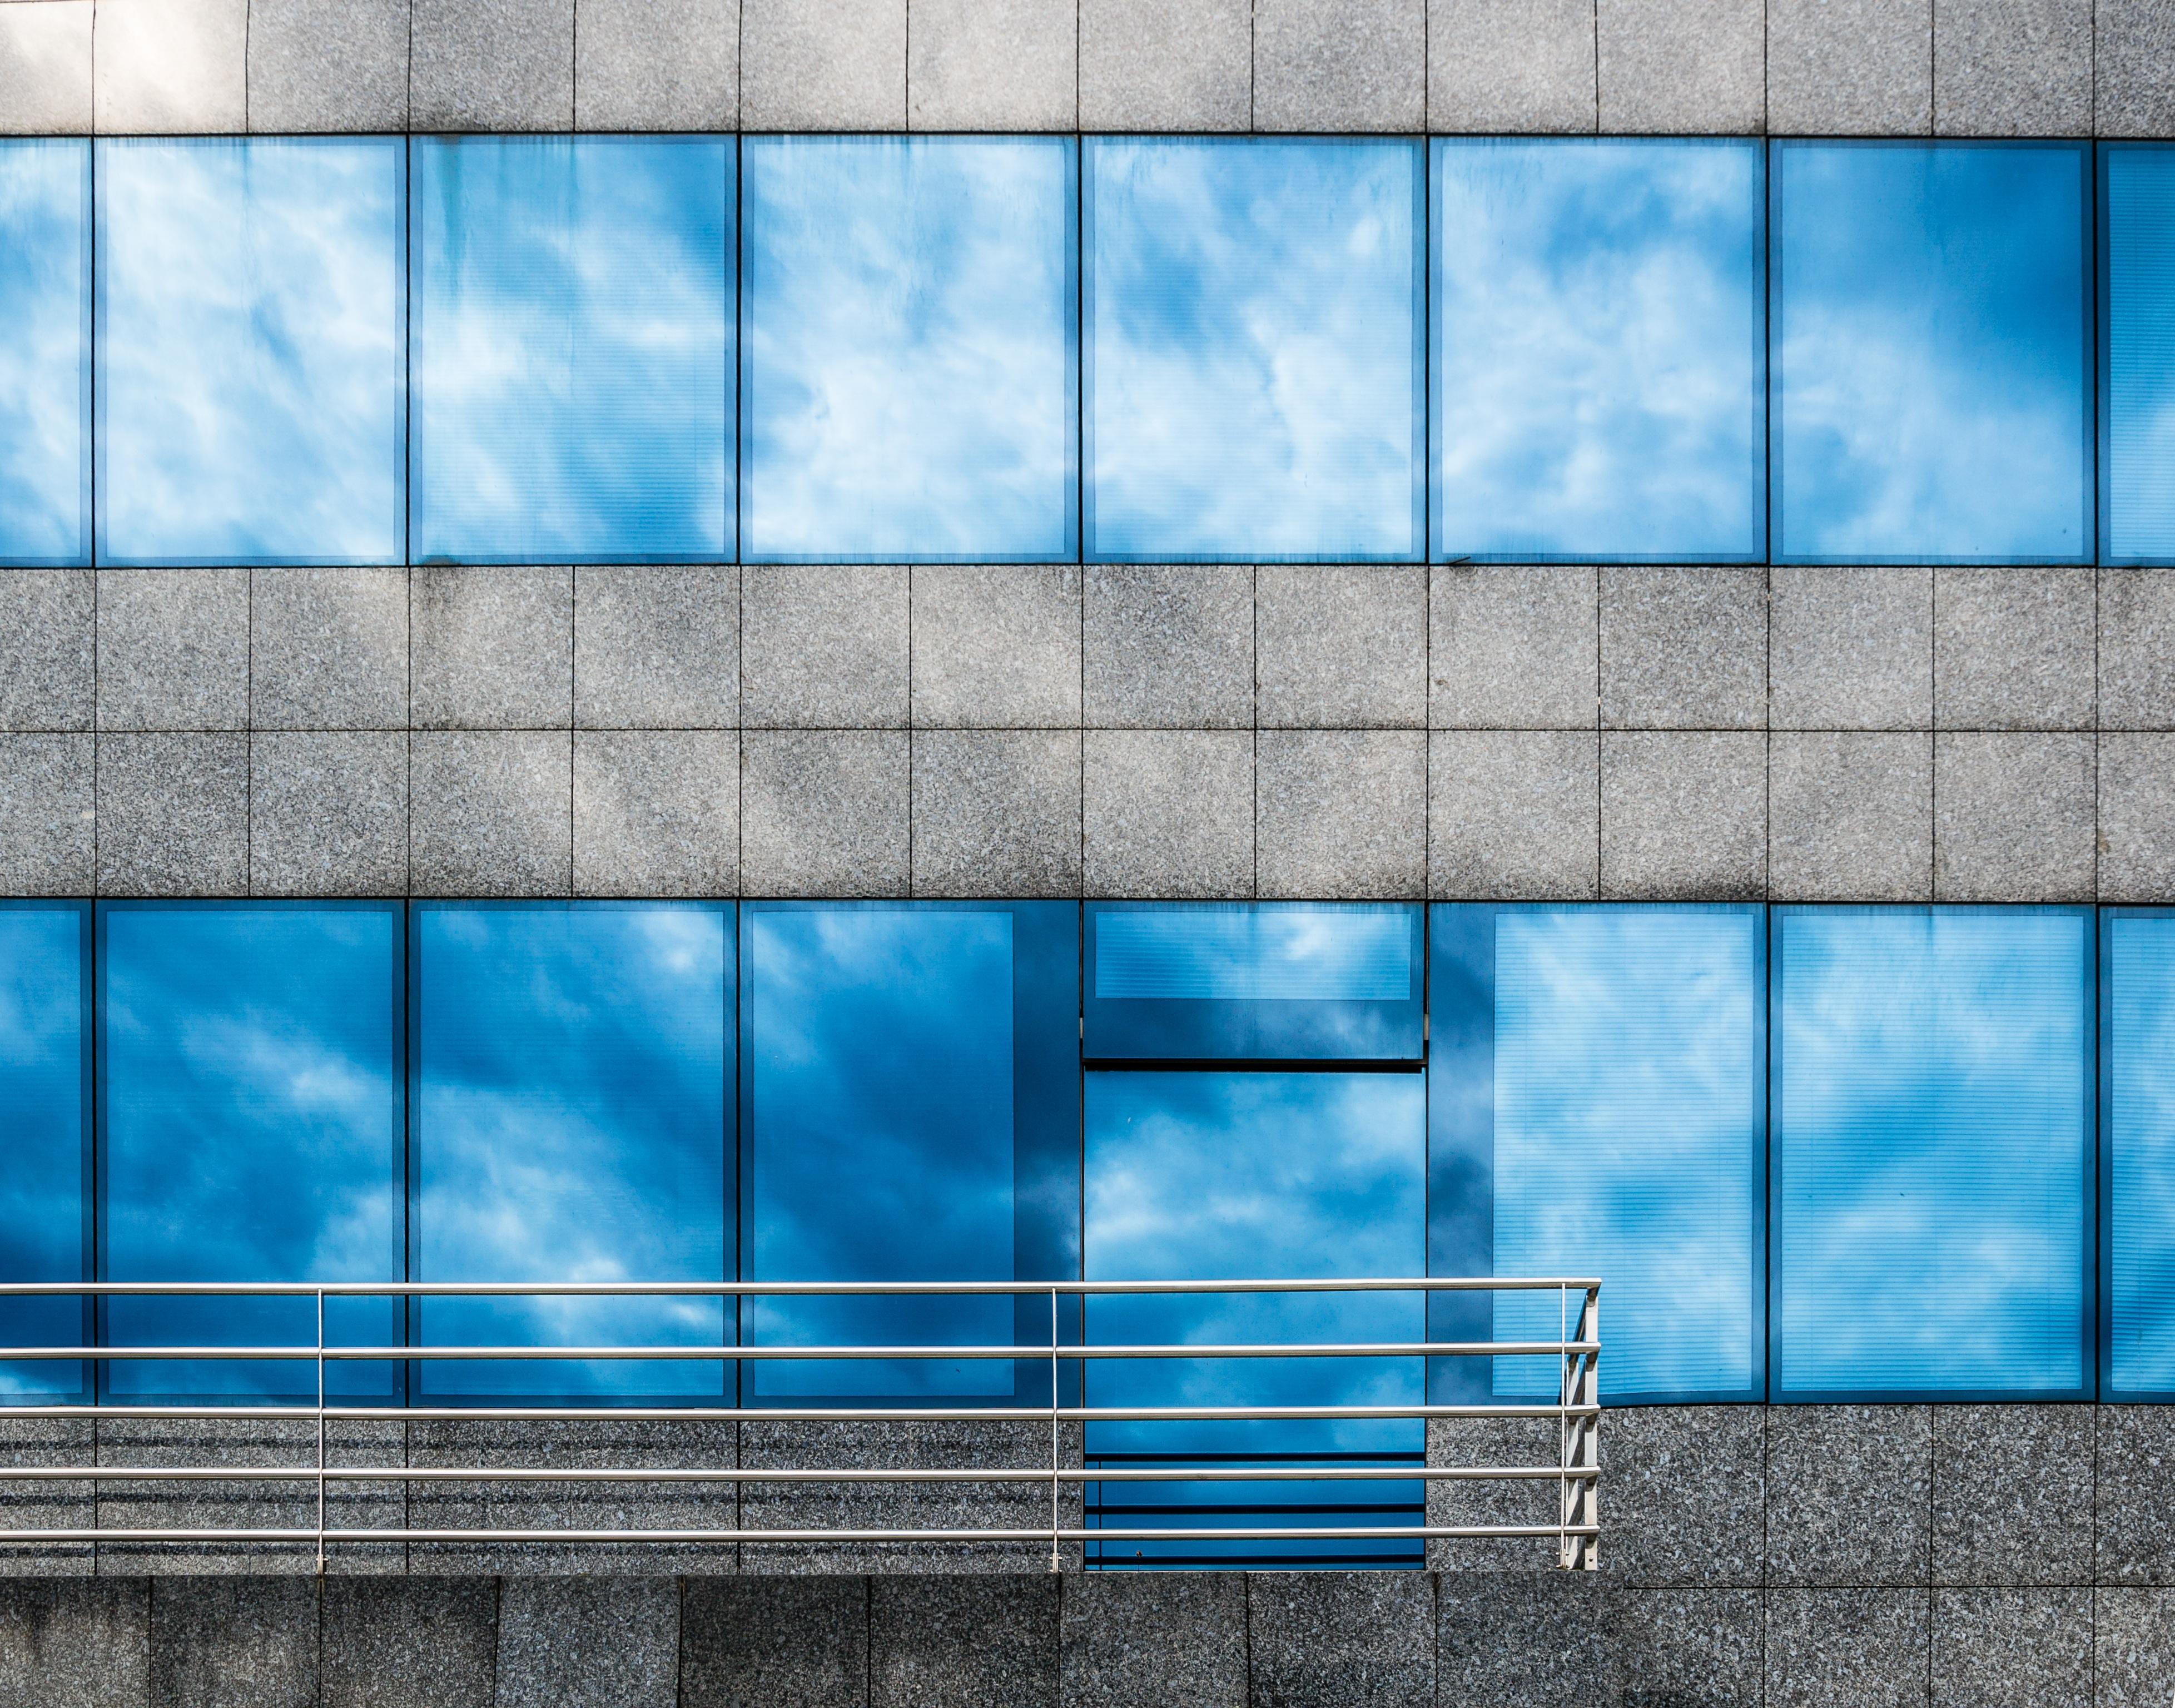 Arsitektur Jendela Kaca Bangunan Perkotaan Dinding Baja Garis Refleksi Warna Perusahaan Kantor Penglihatan Kelabu Biru Bisnis